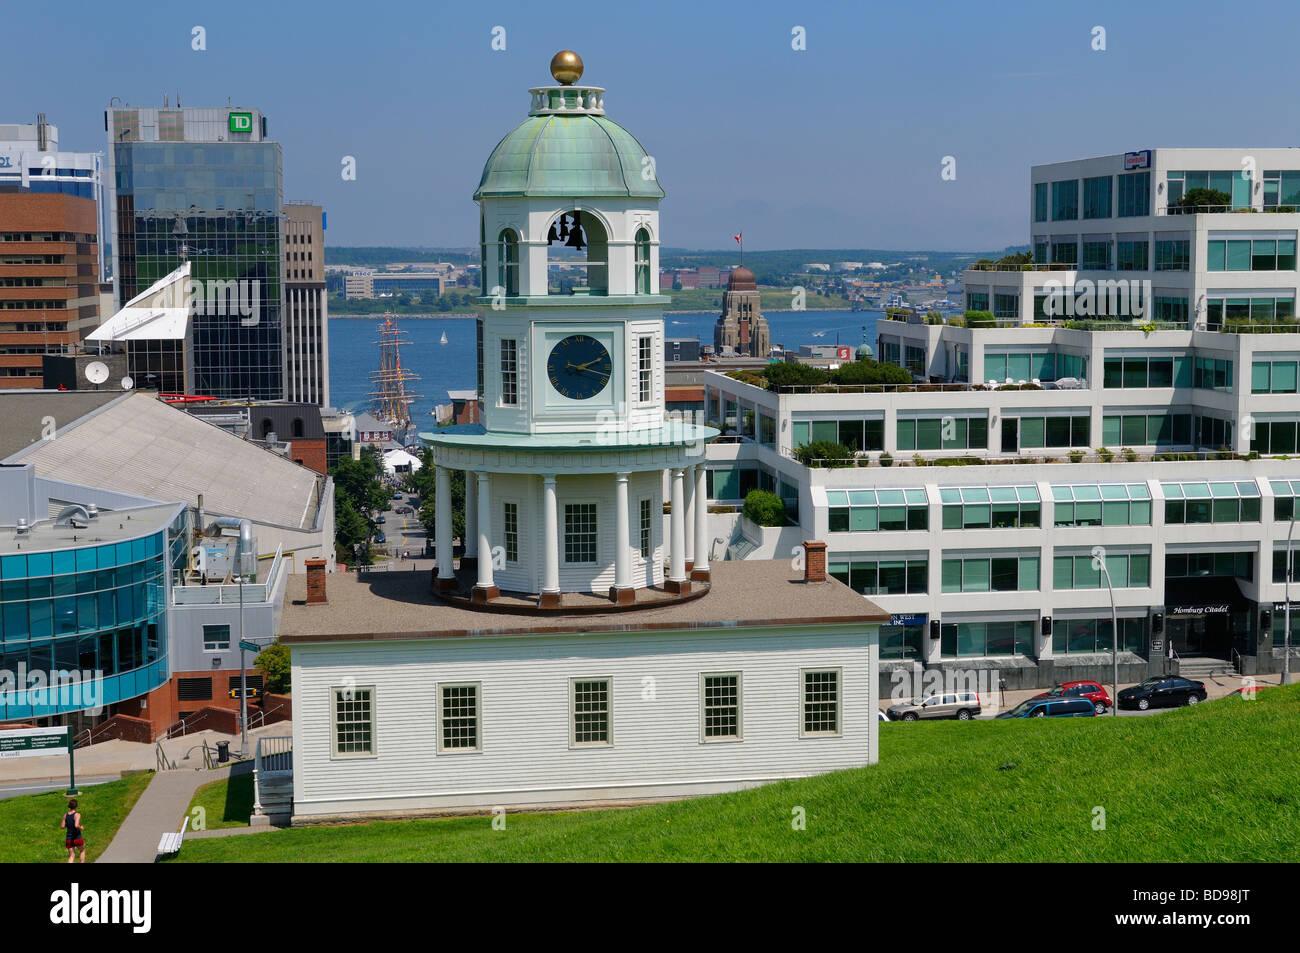 Halifax la histórica arquitectura georgiana de la ciudad vieja y el puerto de reloj Nova Scotia de Canadá Imagen De Stock